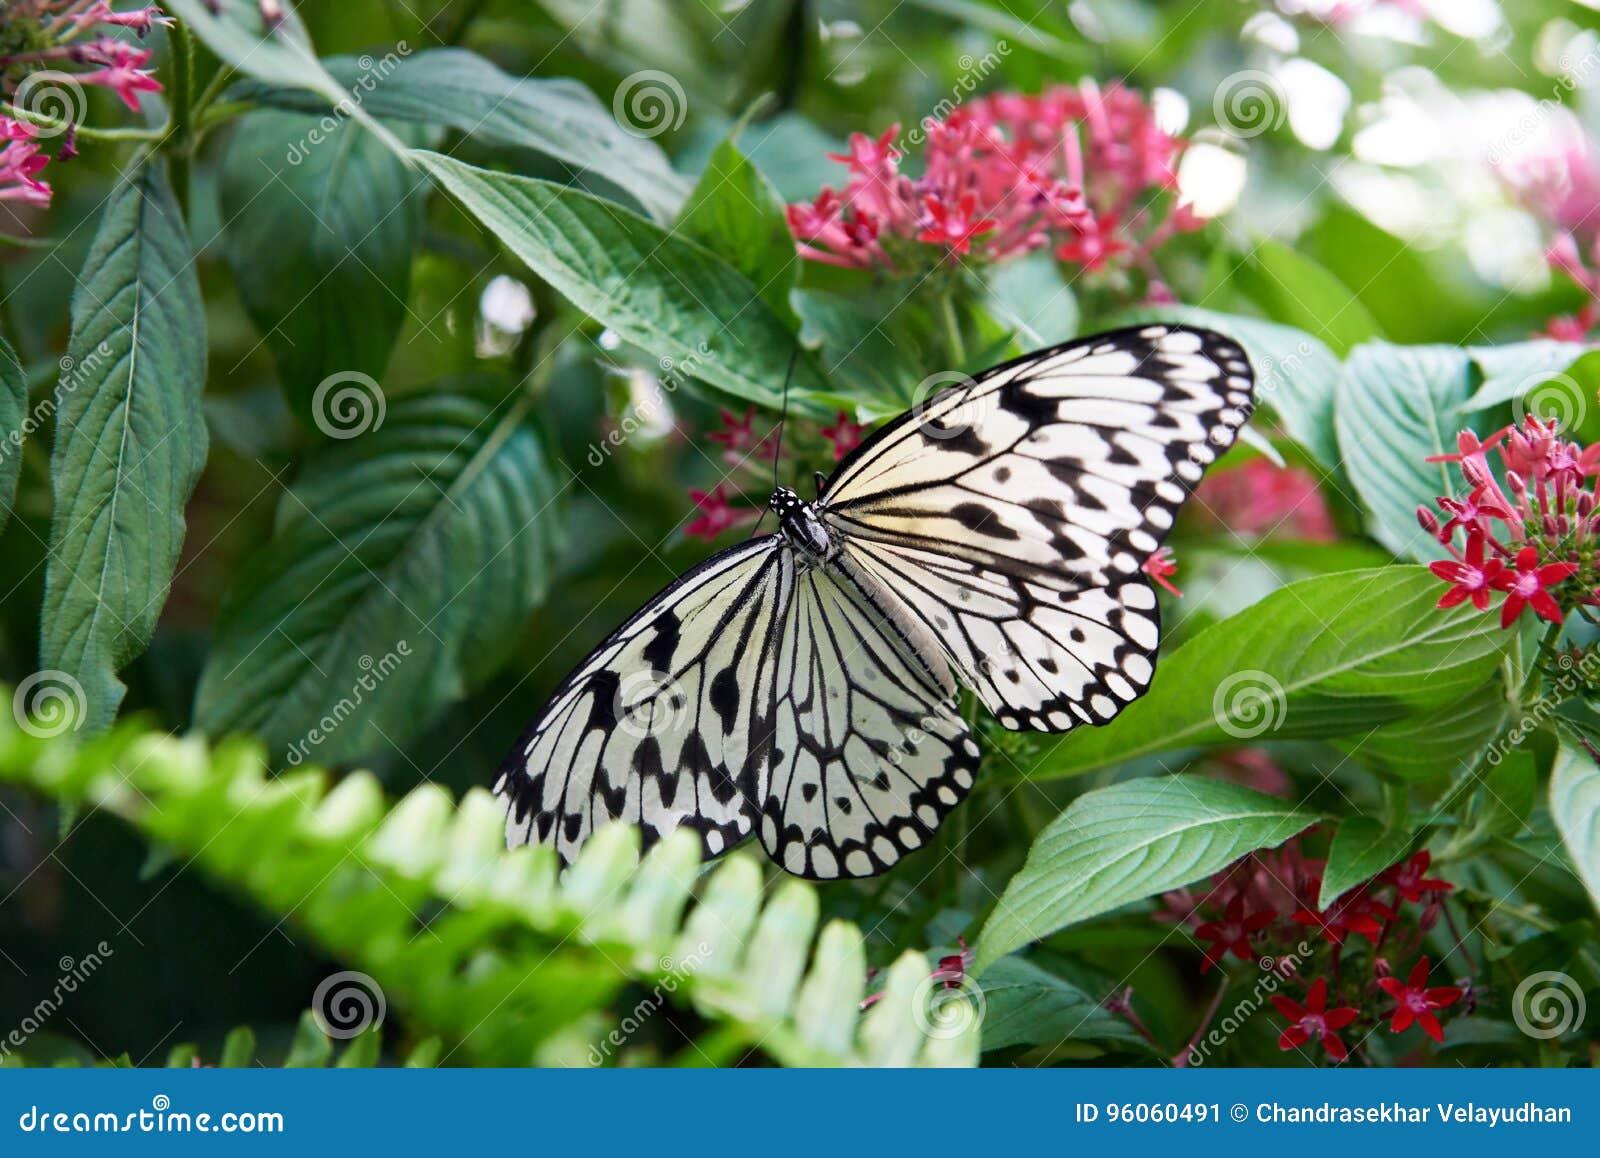 Beau papillon noir et blanc été perché sur une feuille